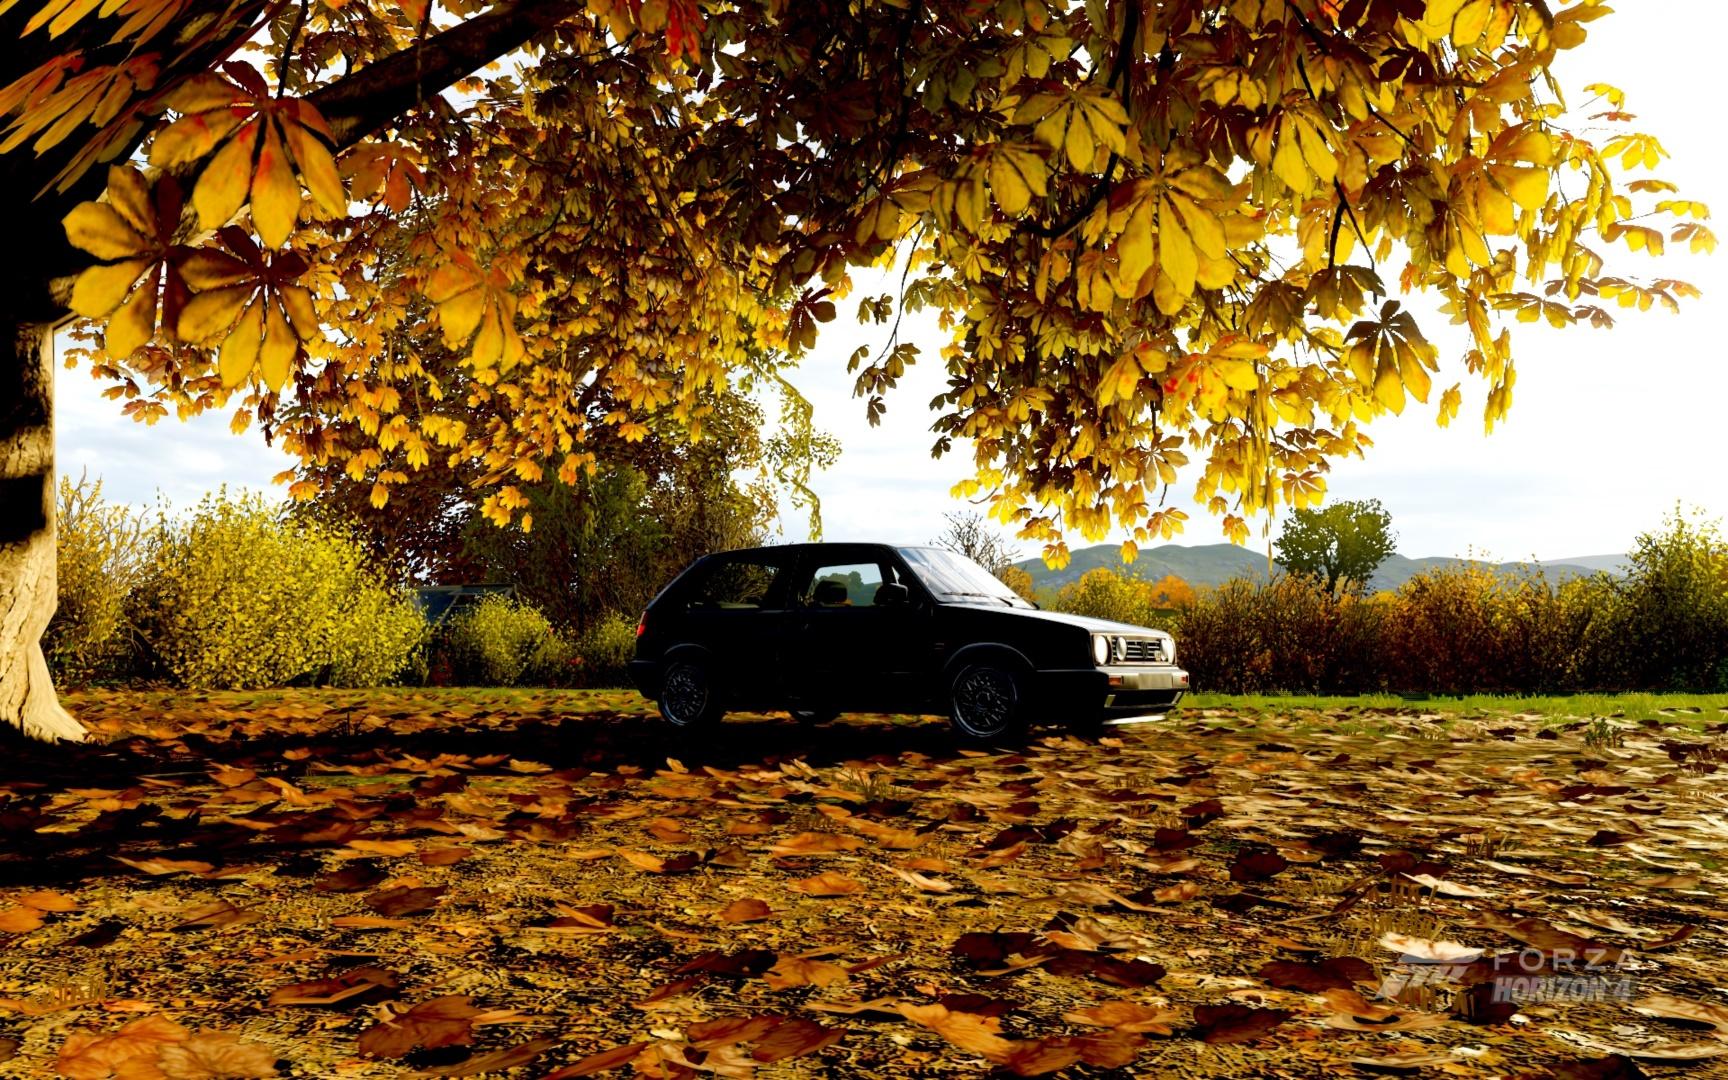 Forza_07.jpg